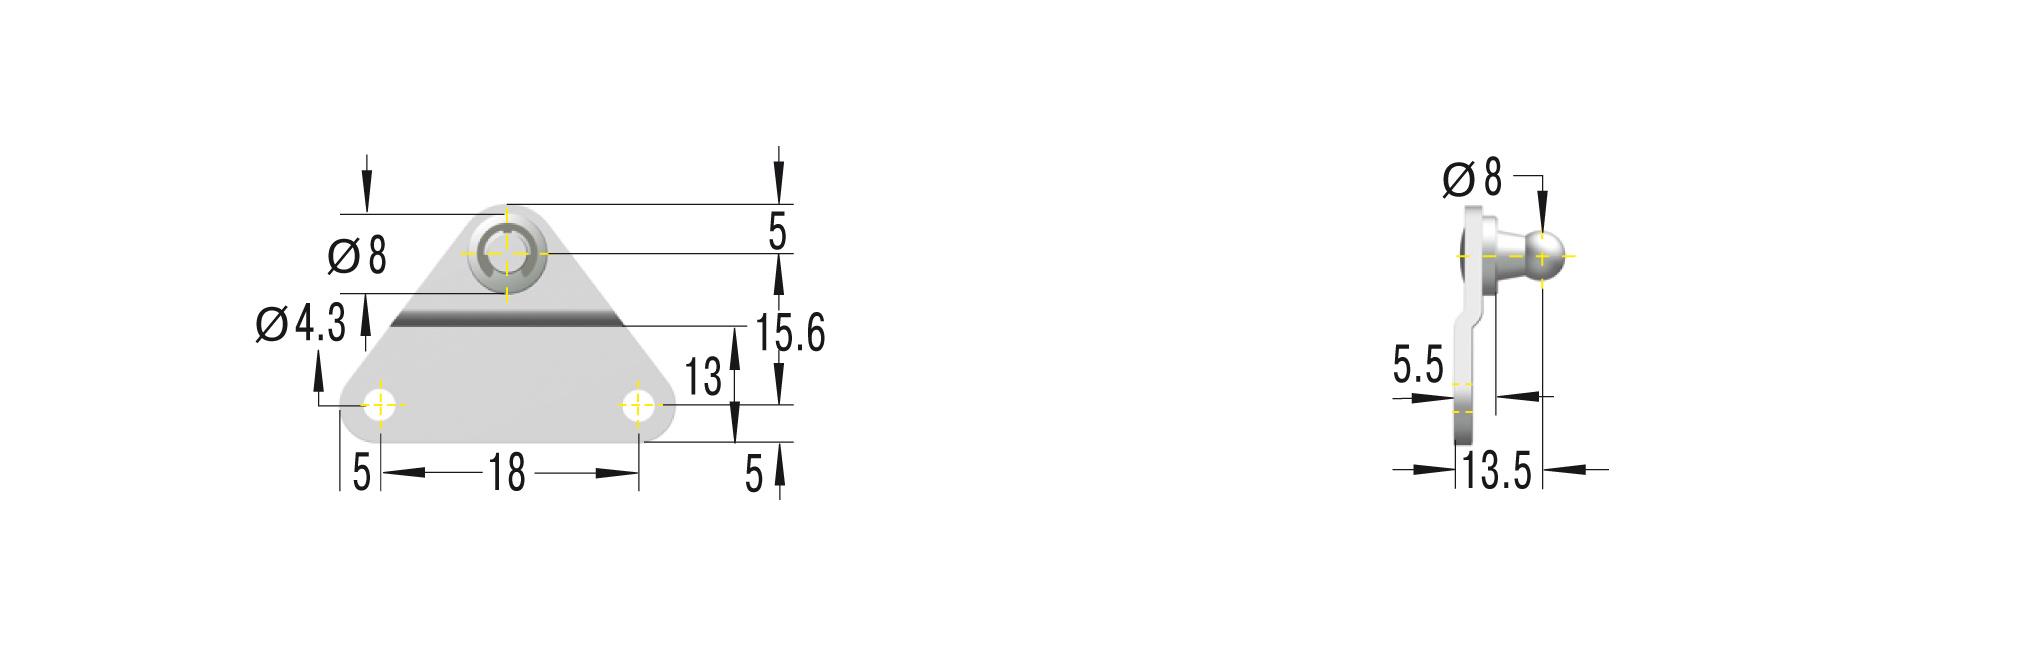 OG3,5-V4A